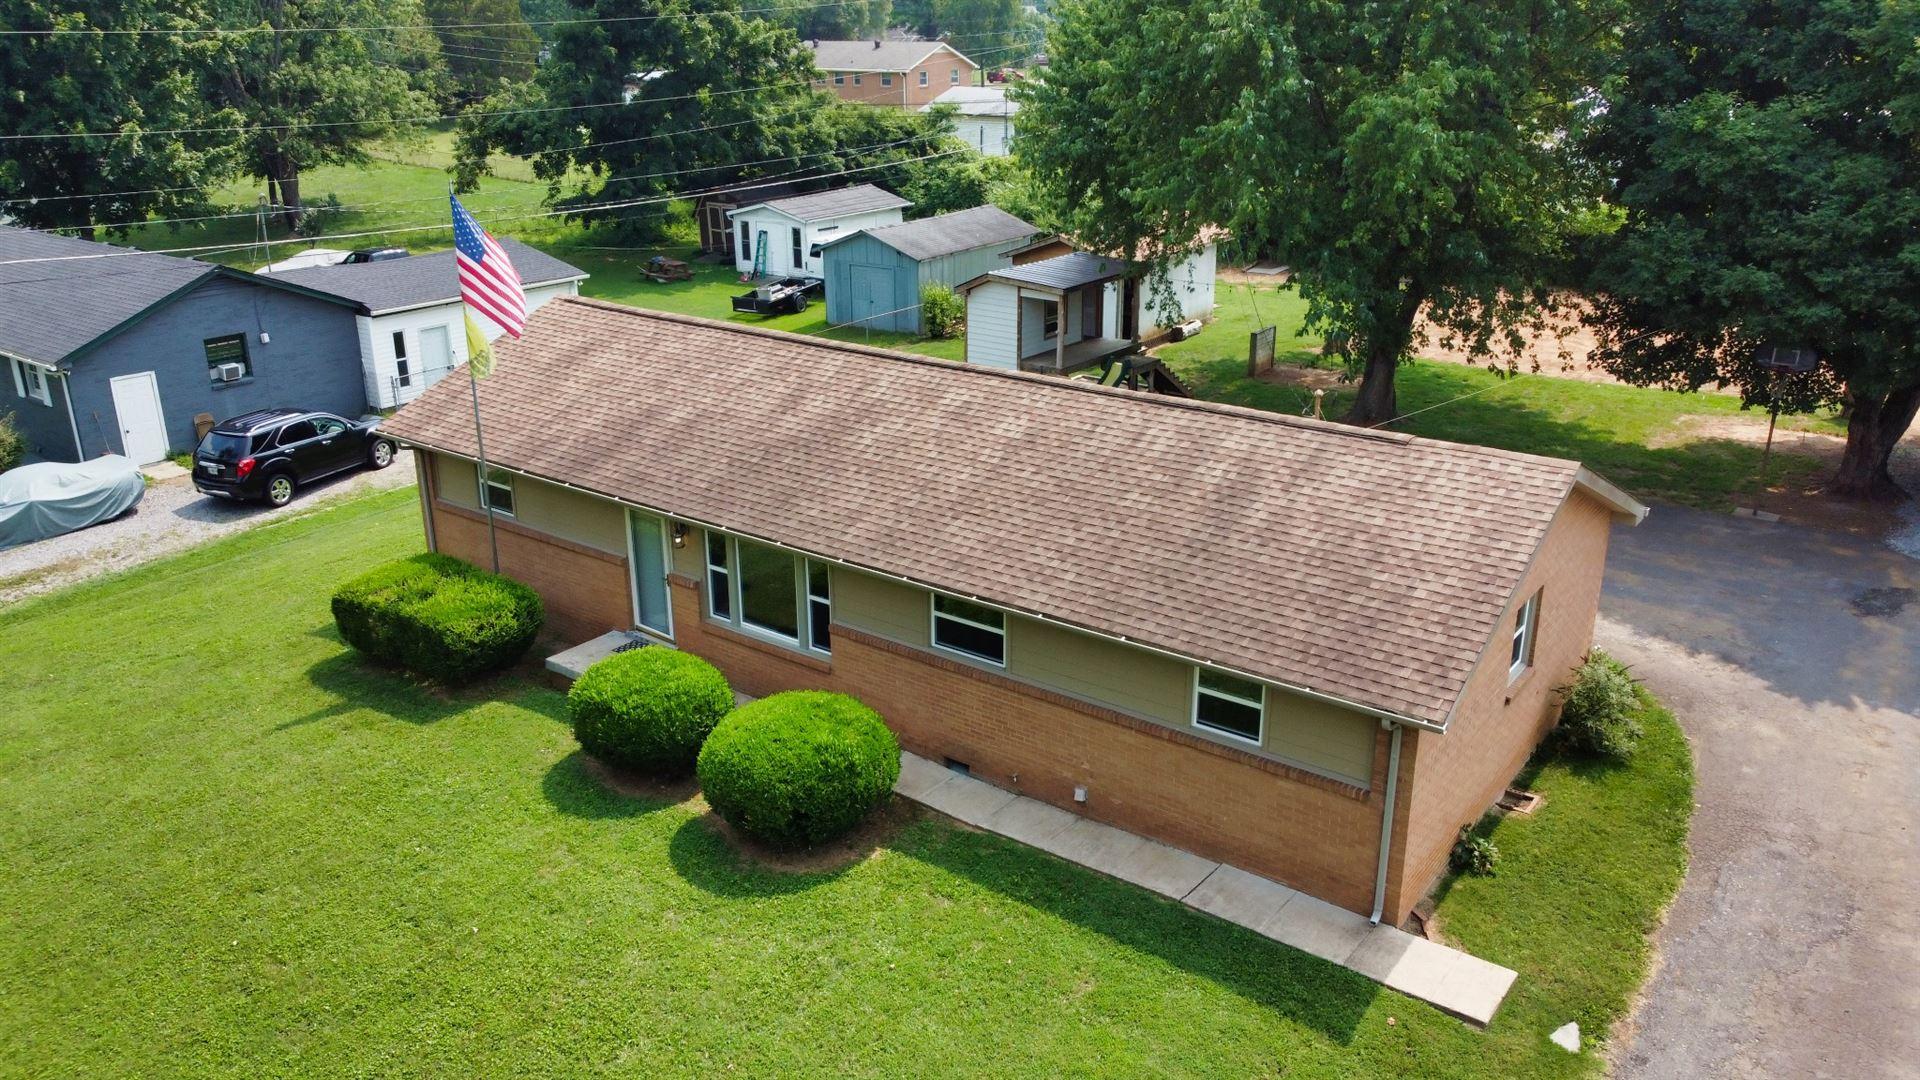 8 Lasalle St, Clarksville, TN 37042 - MLS#: 2275534